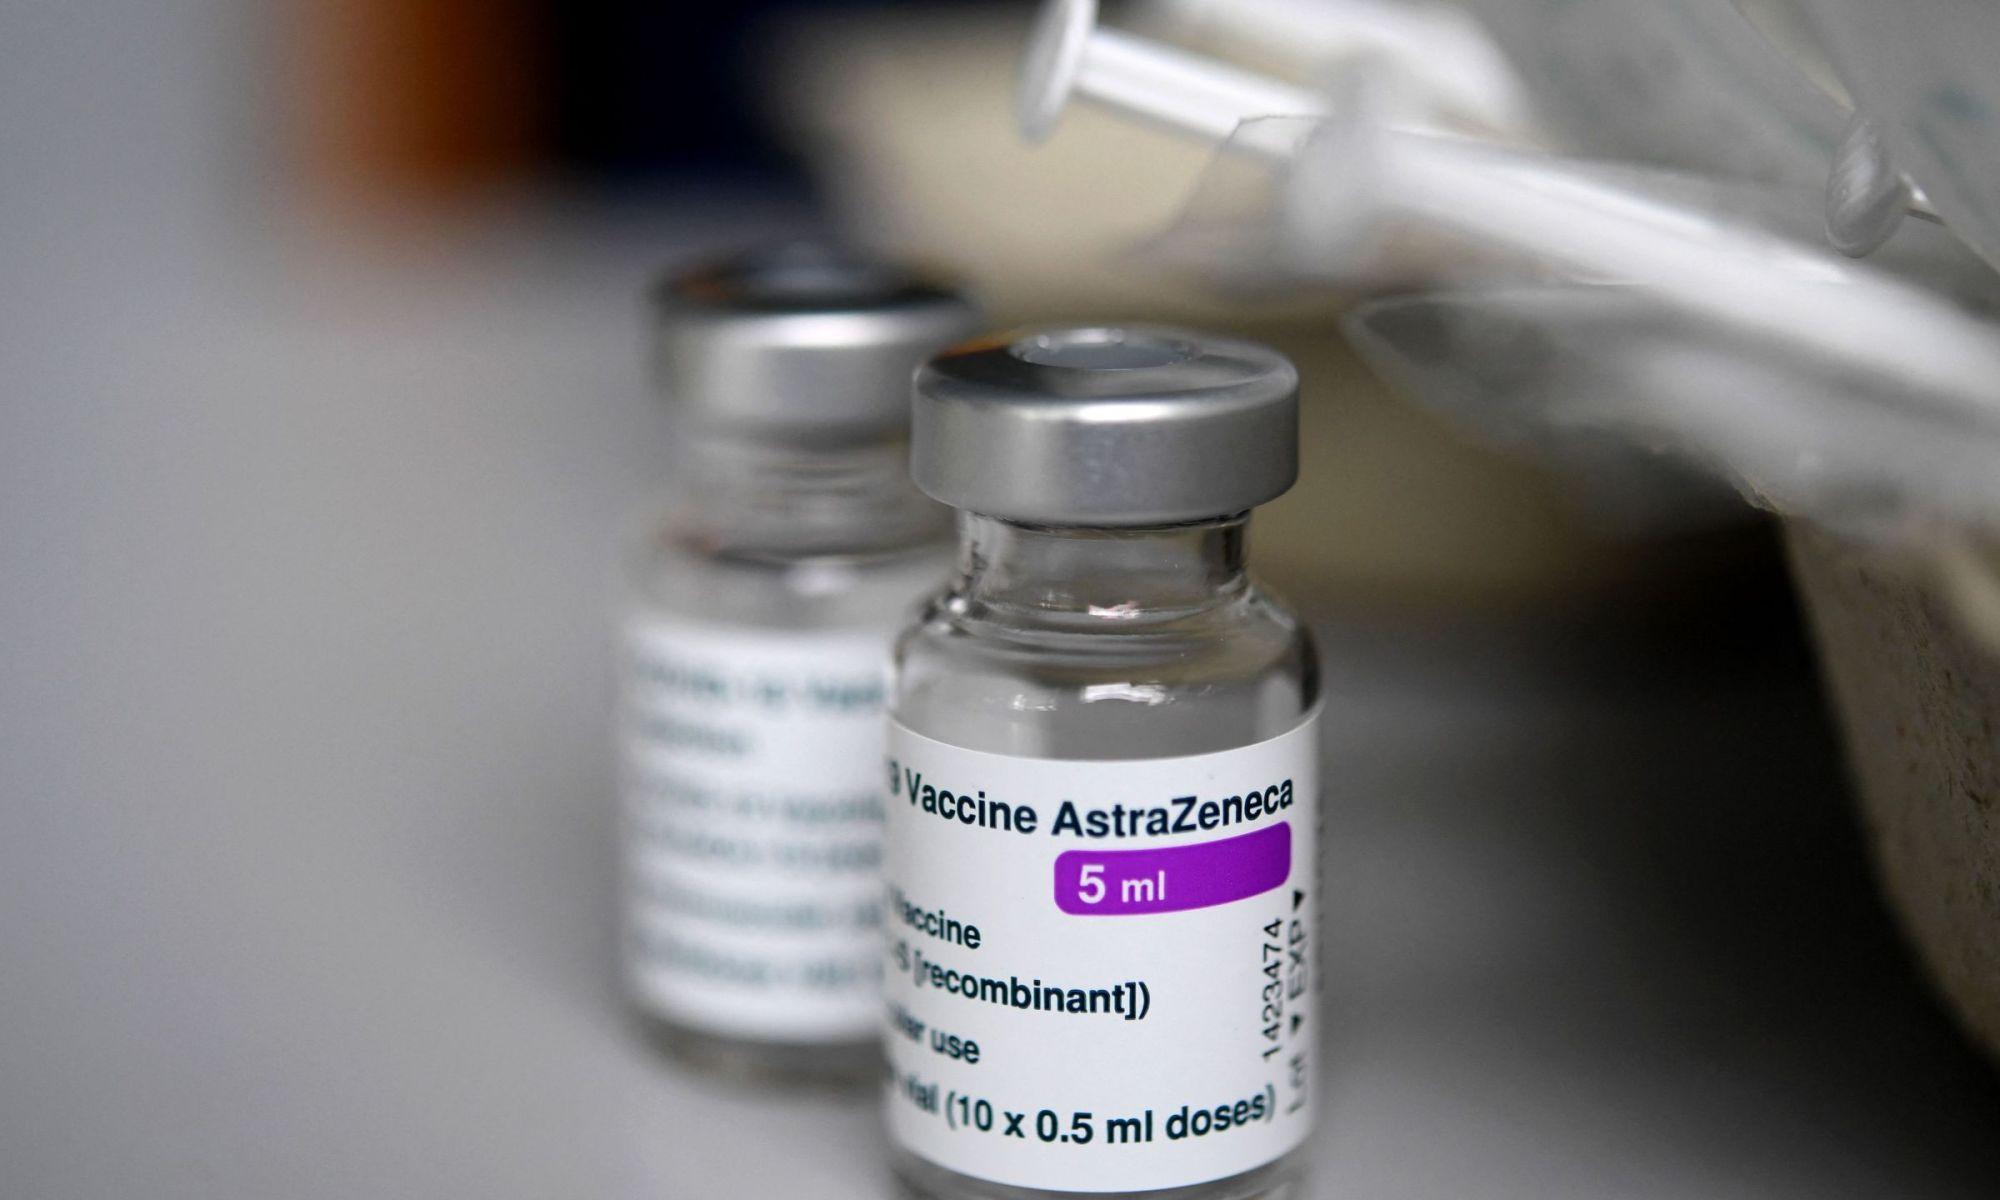 astrazeneca COVID-19 vaccine clots